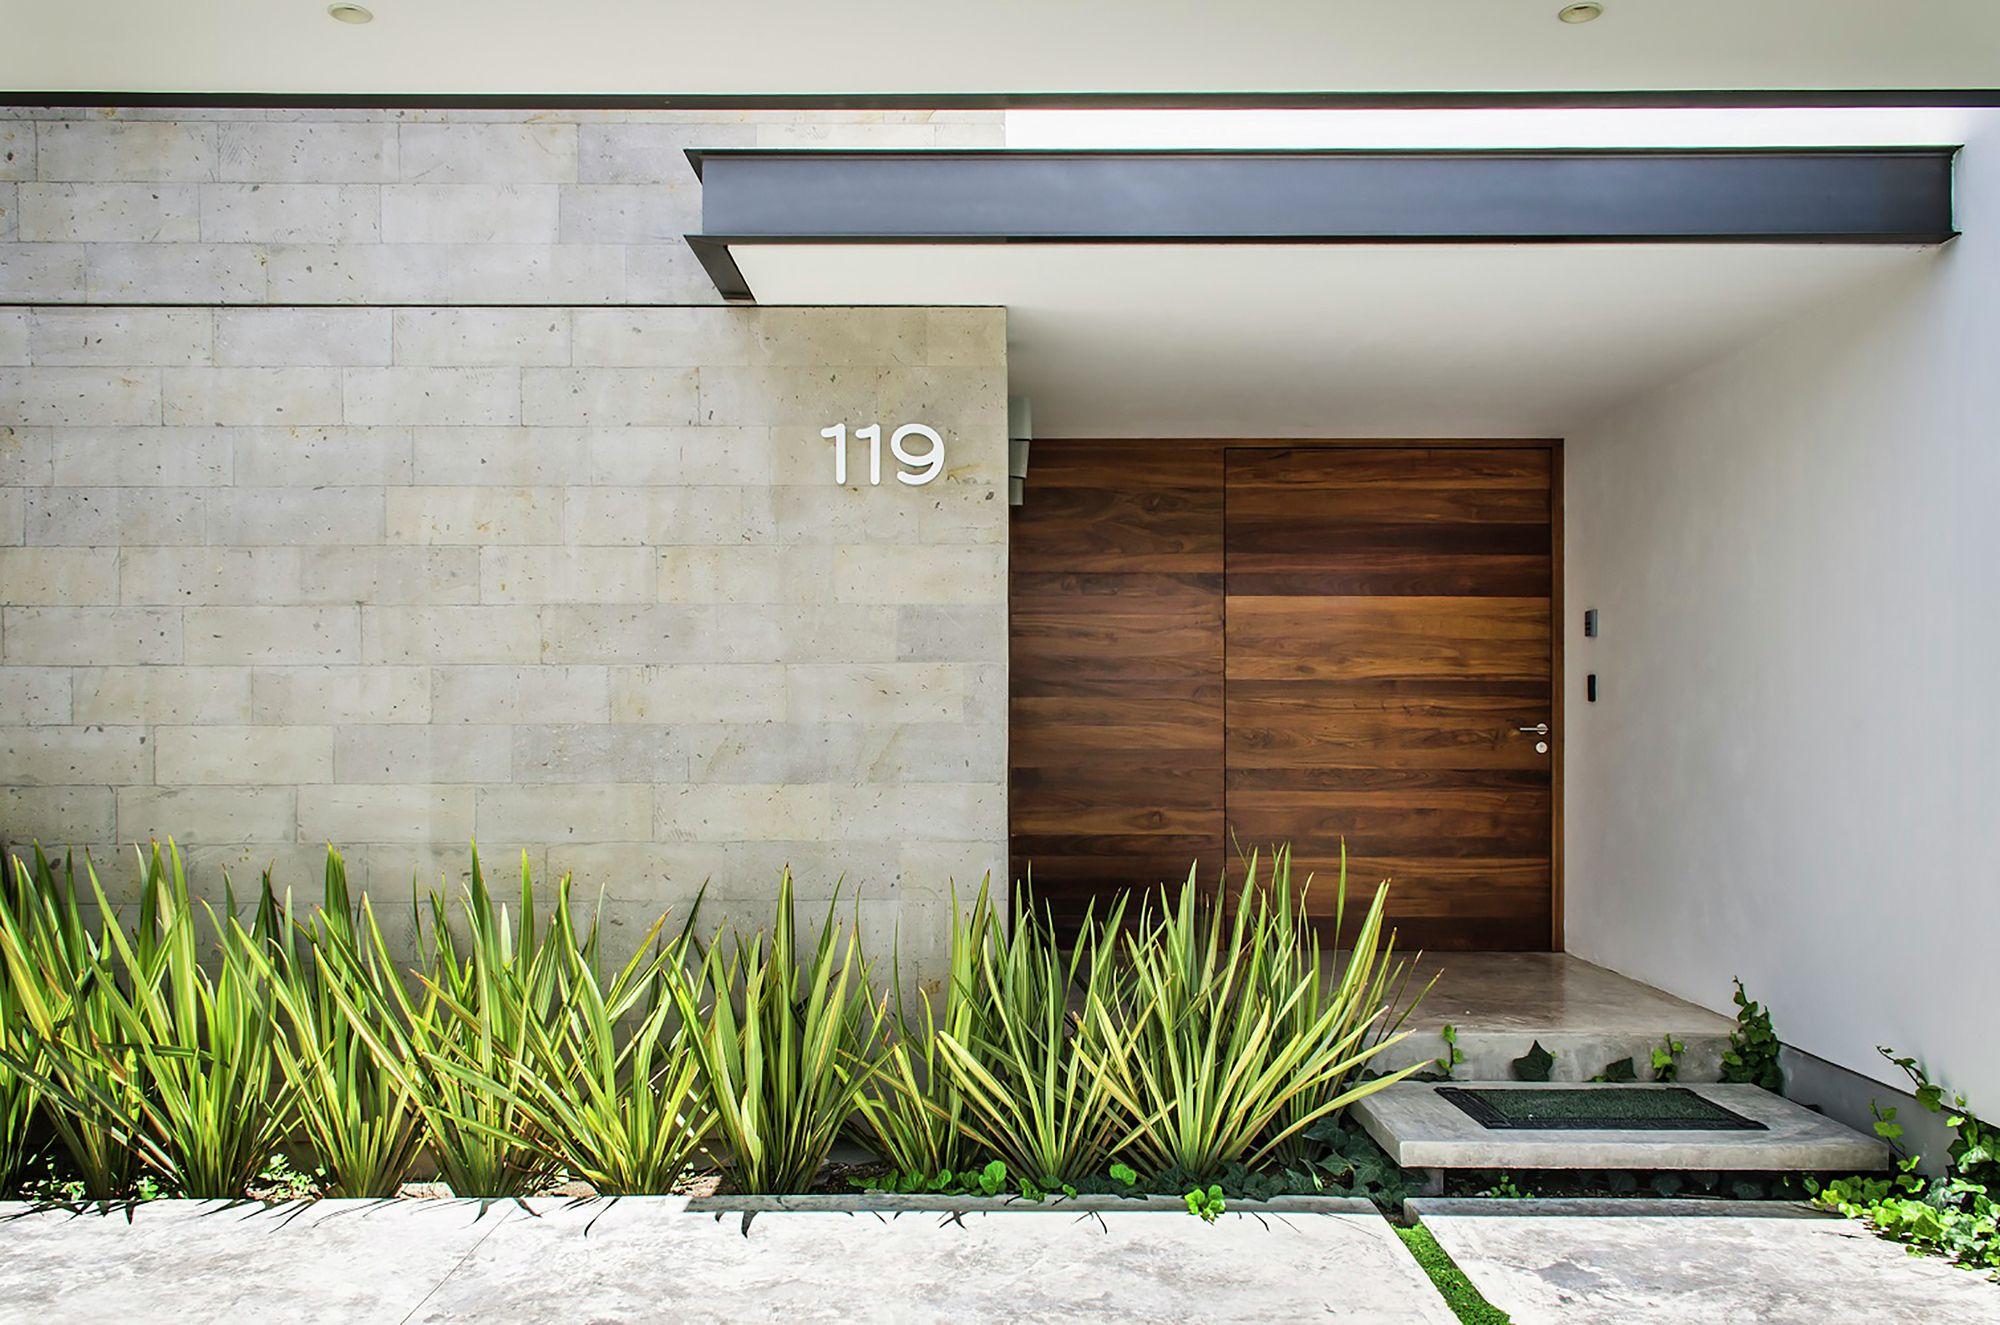 T02 adi arquitectura y dise o interior arquitectura for Puerta xor de tres entradas